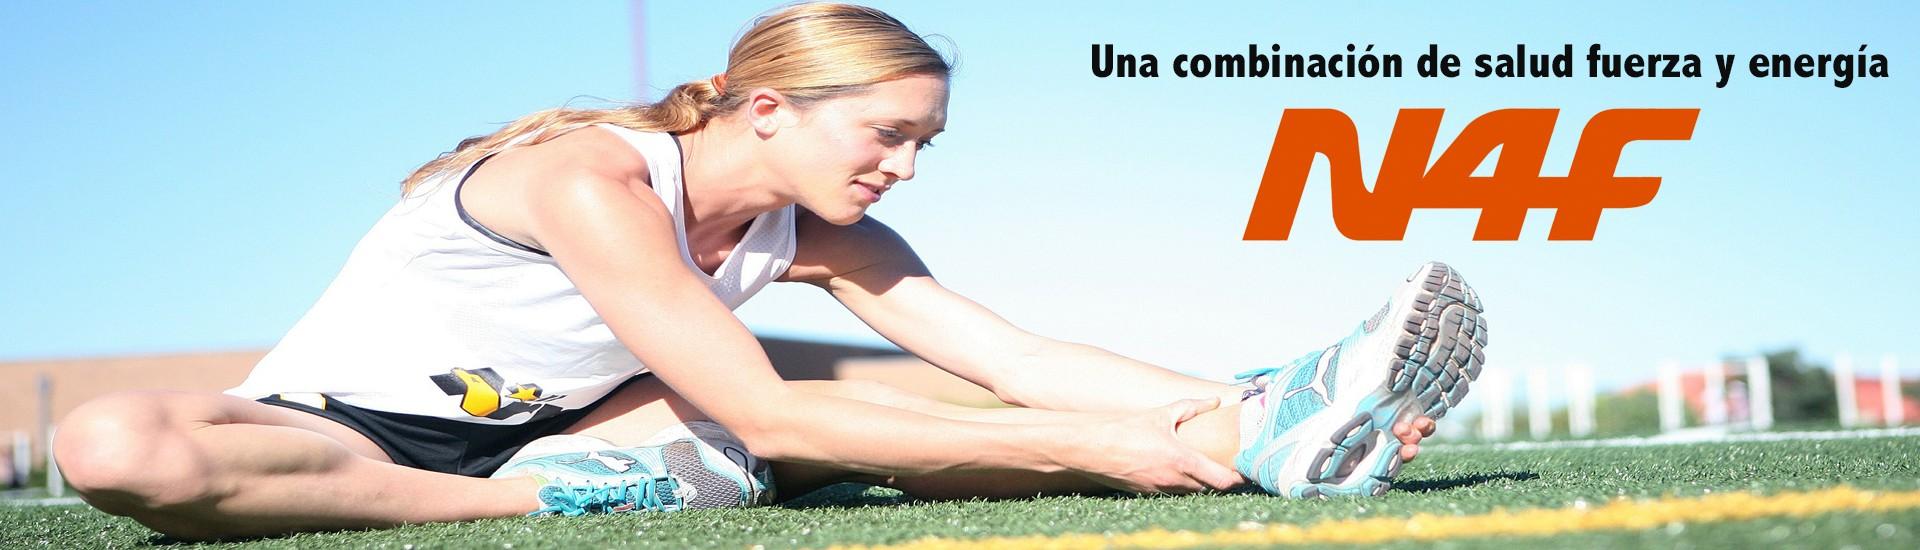 Una combinación de salud, fuerza y energía